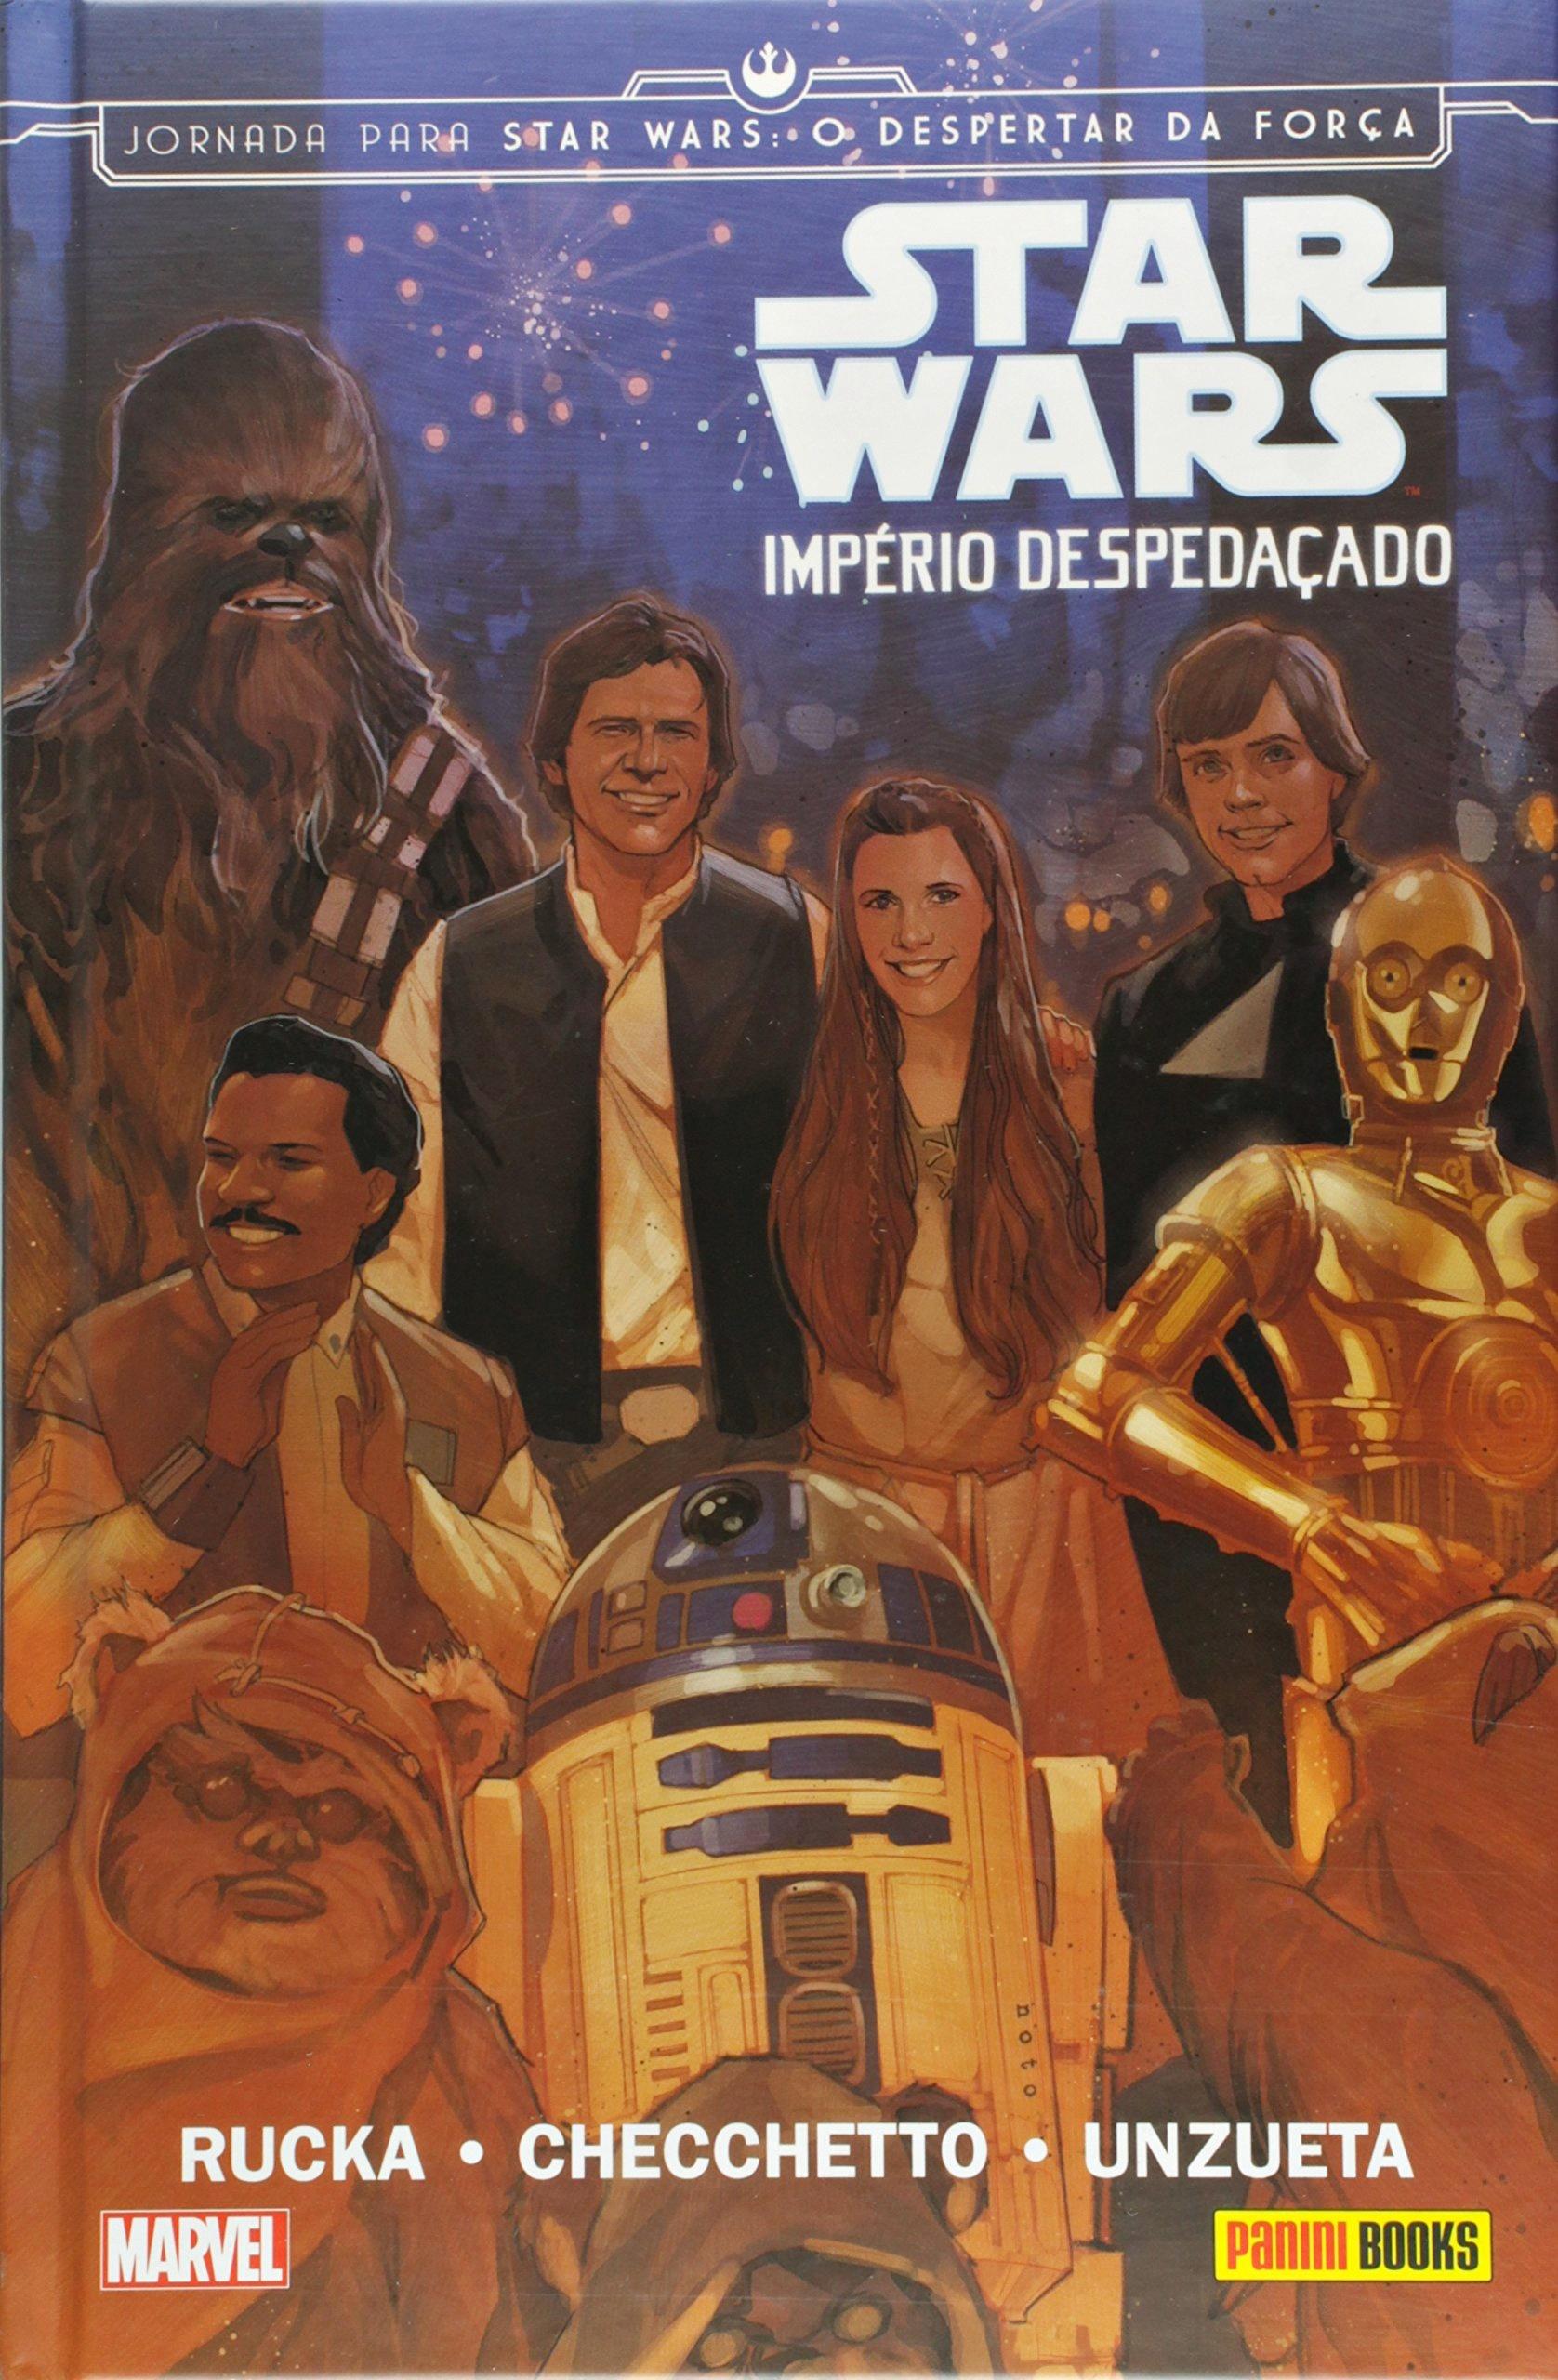 Star Wars Império Despedaçado